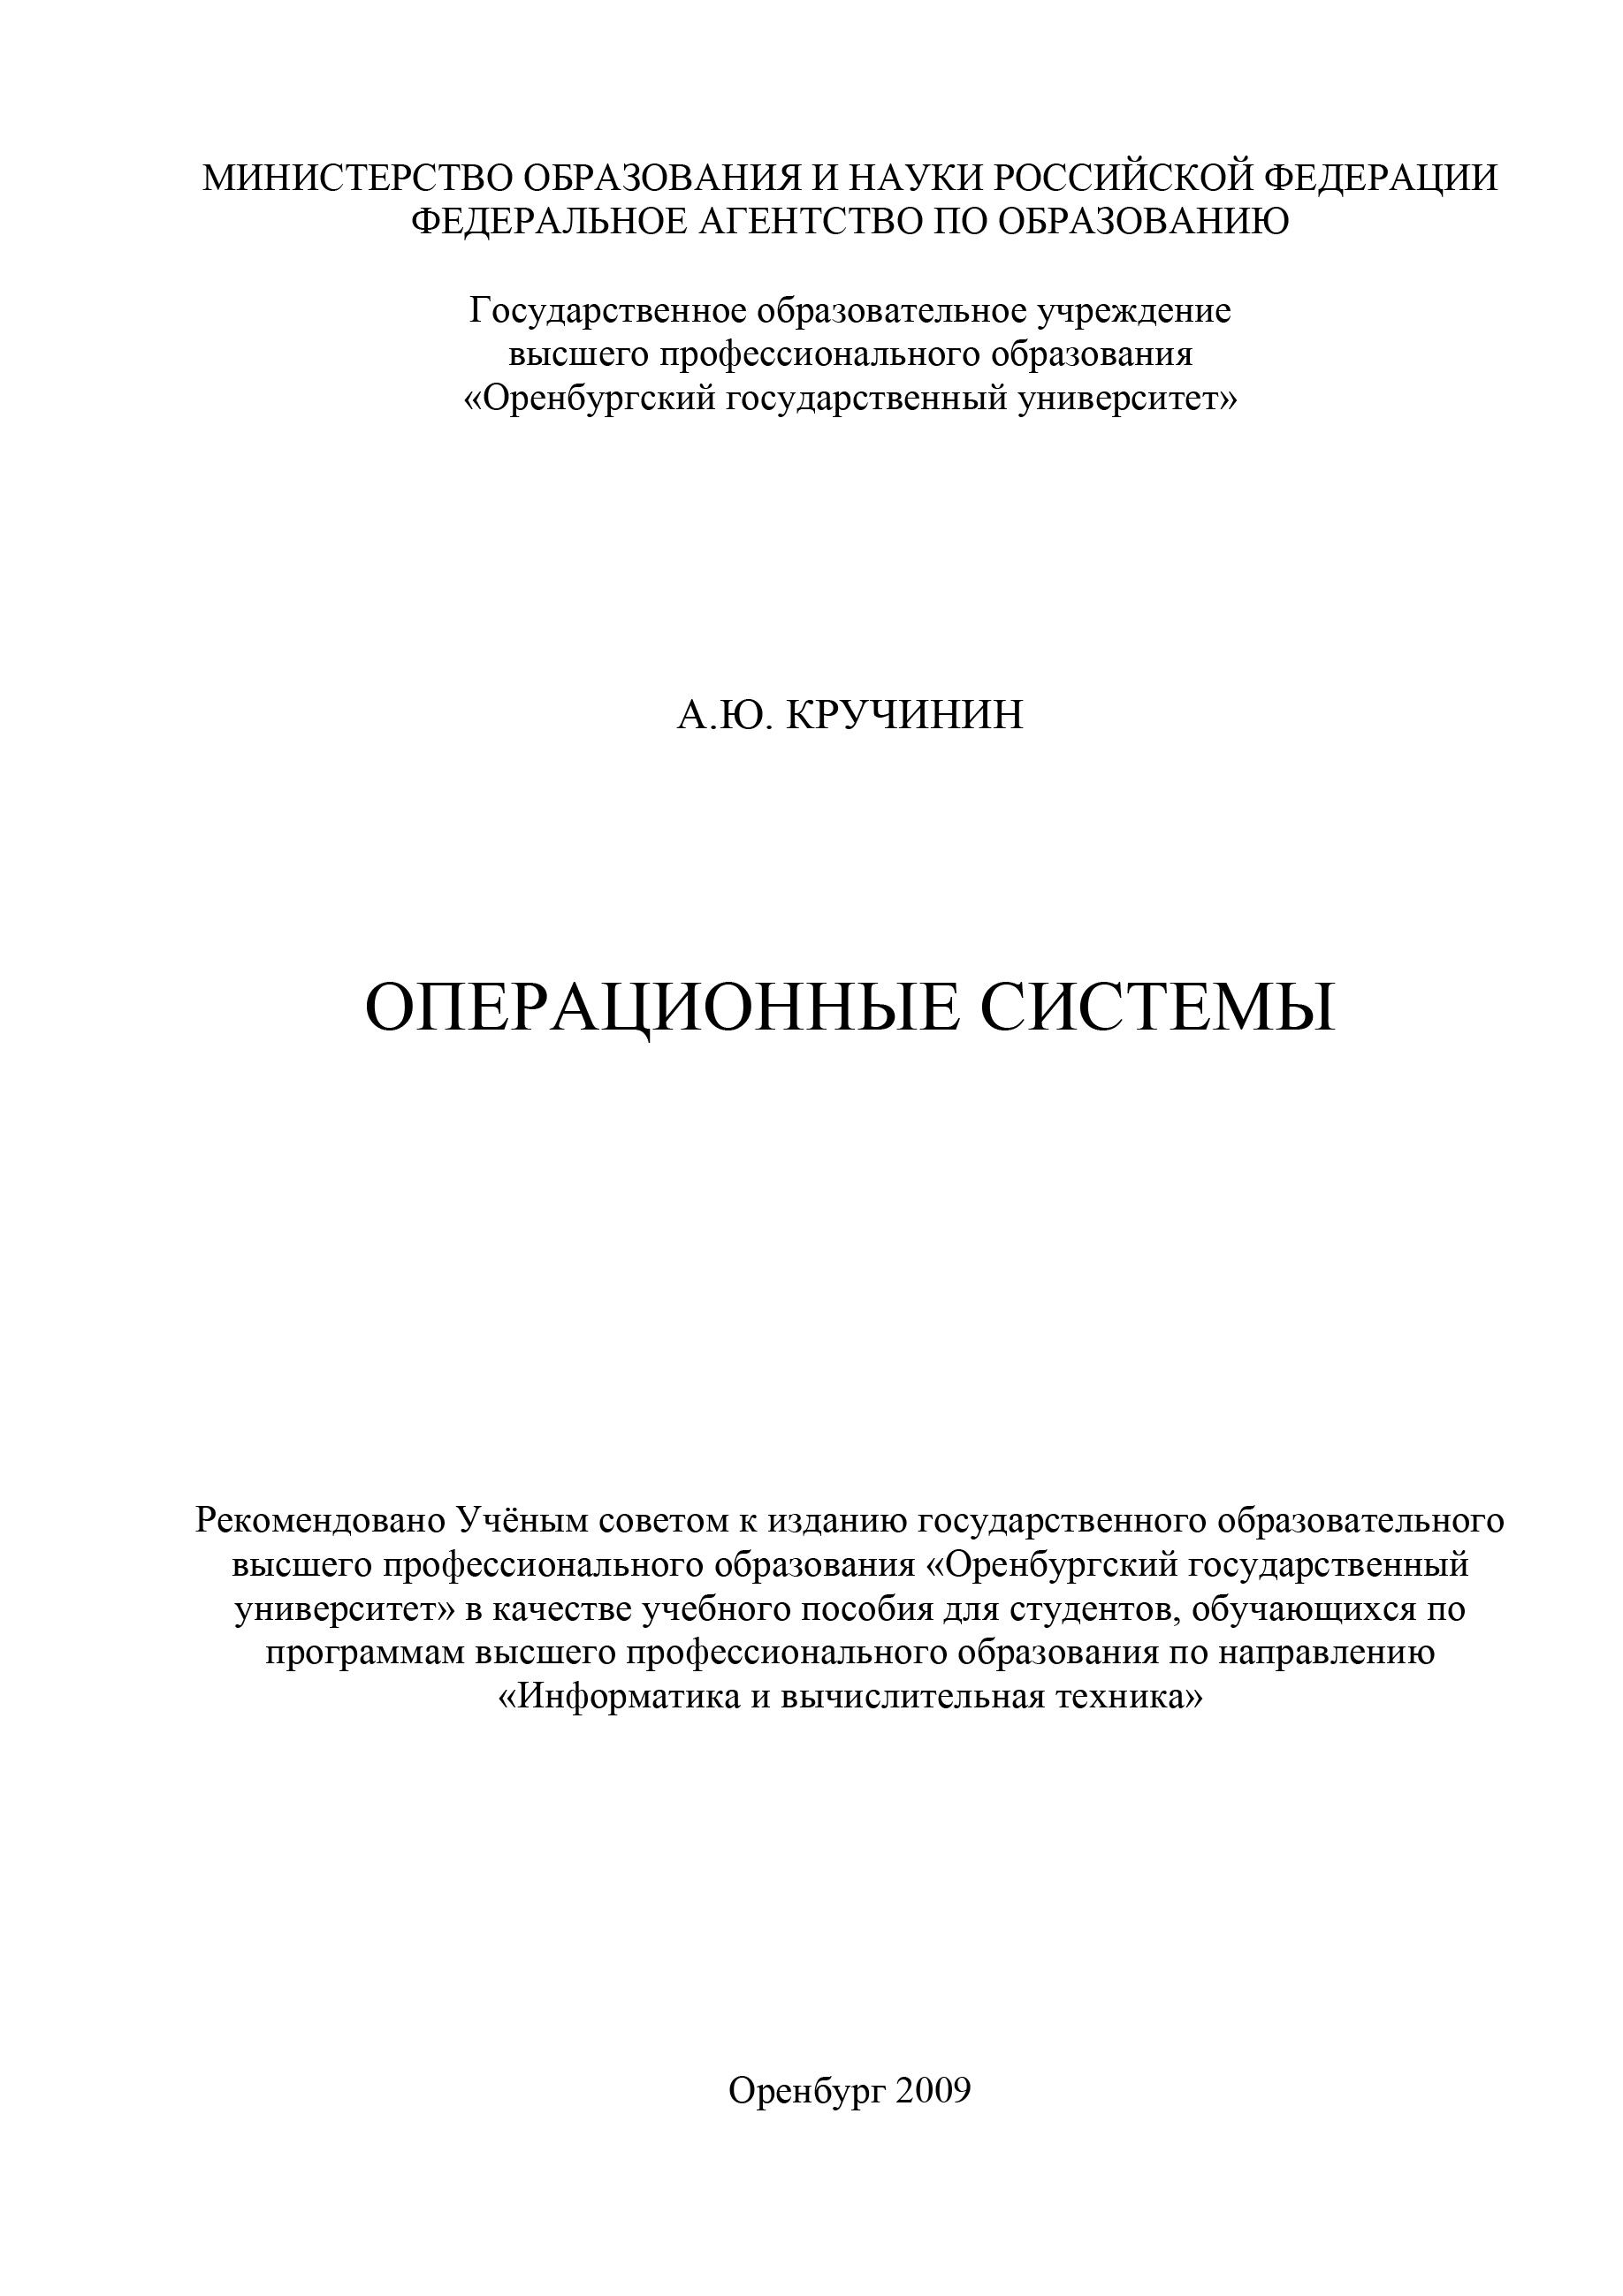 А. Ю. Кручинин Операционные системы дроздов сергей николаевич операционные системы учебное пособие